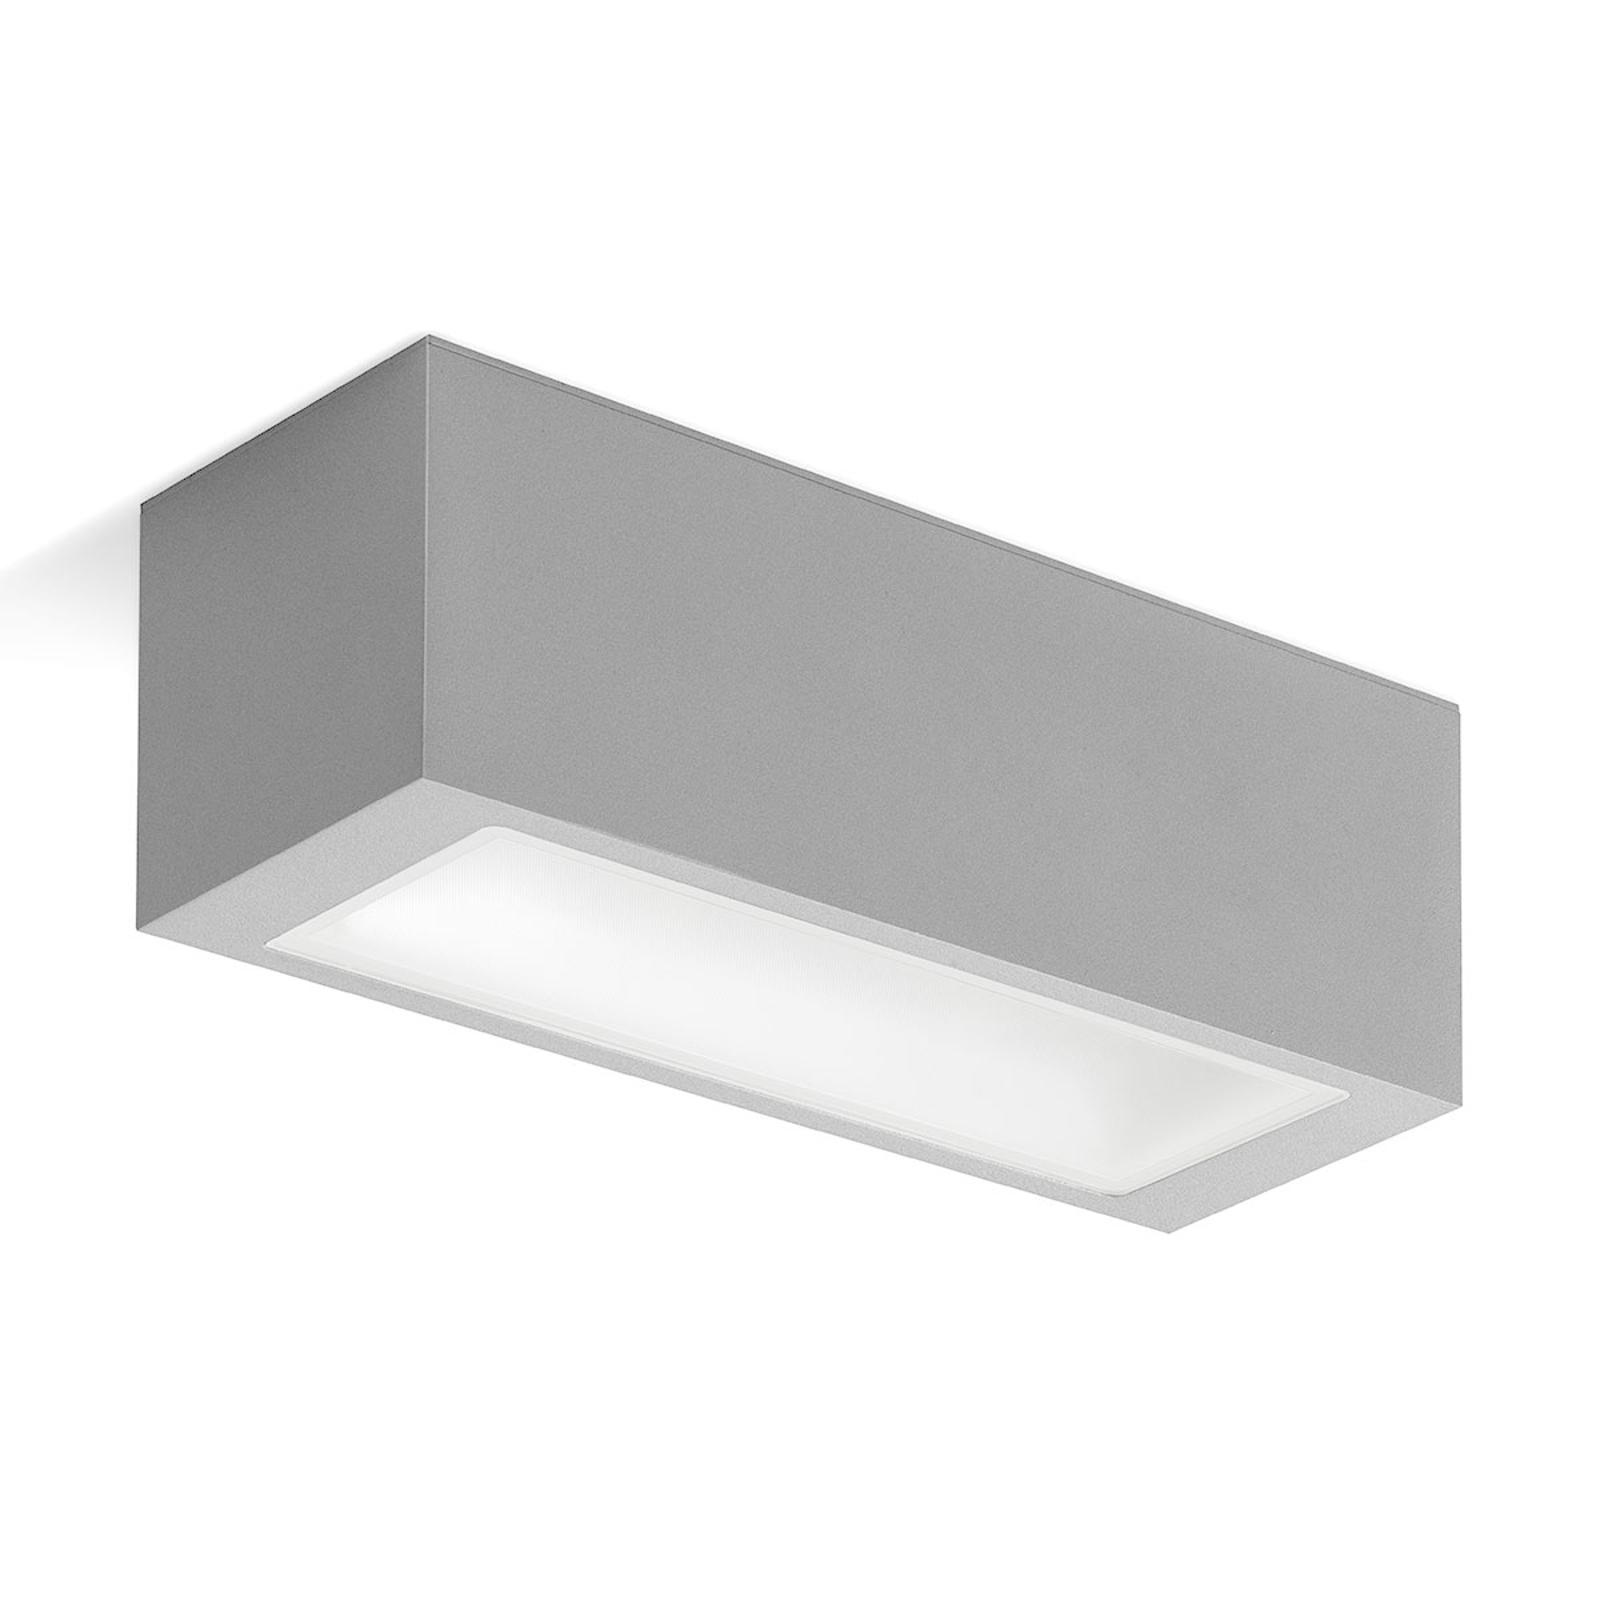 Applique LED 303554 grise 3000K